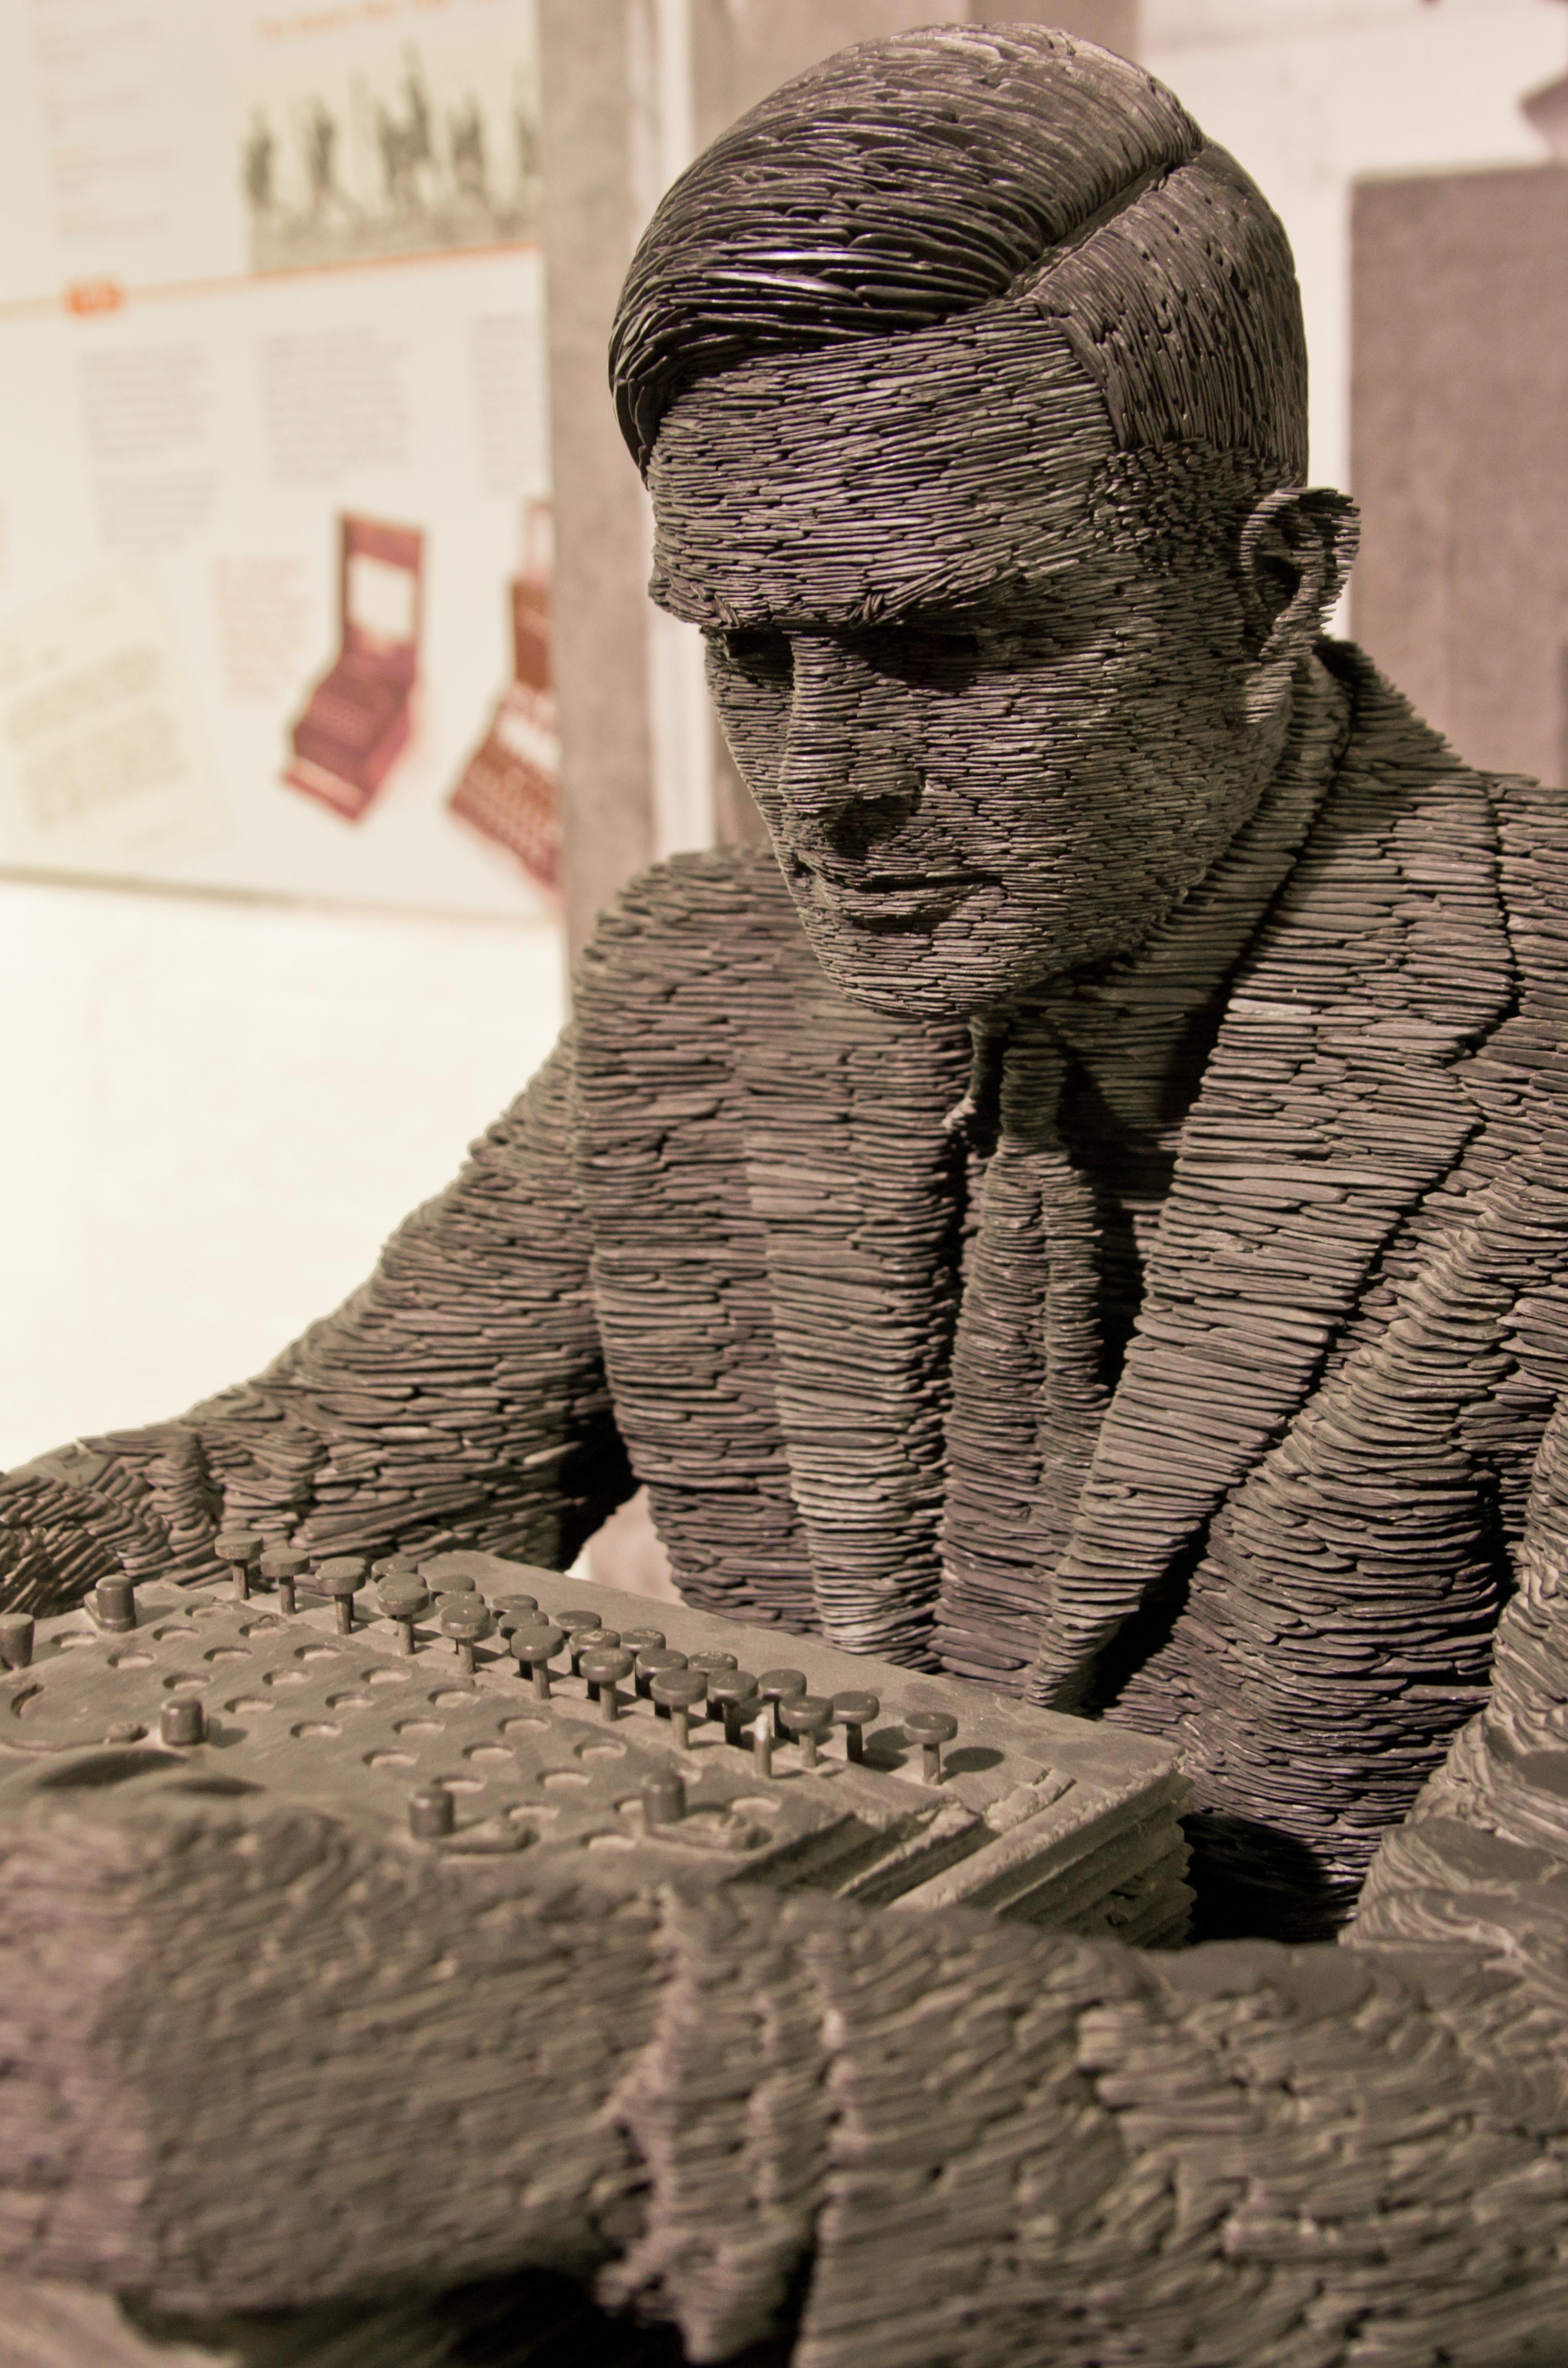 Passato il test di Turing: un successo controverso